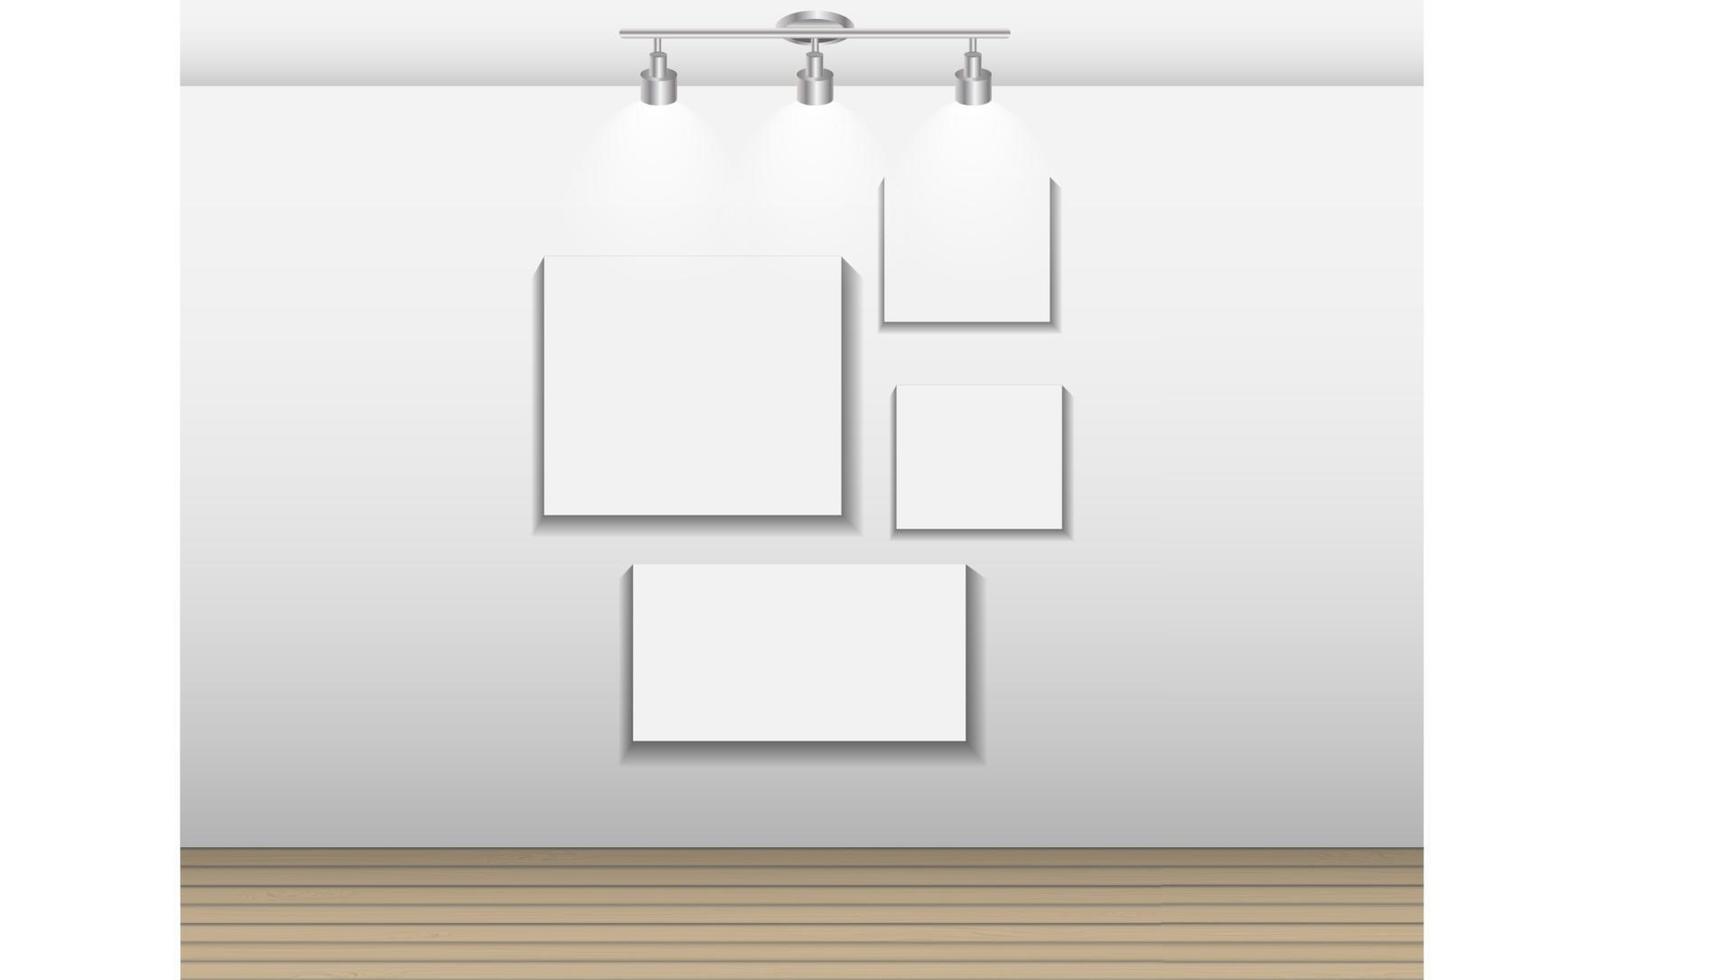 marco en la pared para su texto e imágenes, ilustración vectorial vector